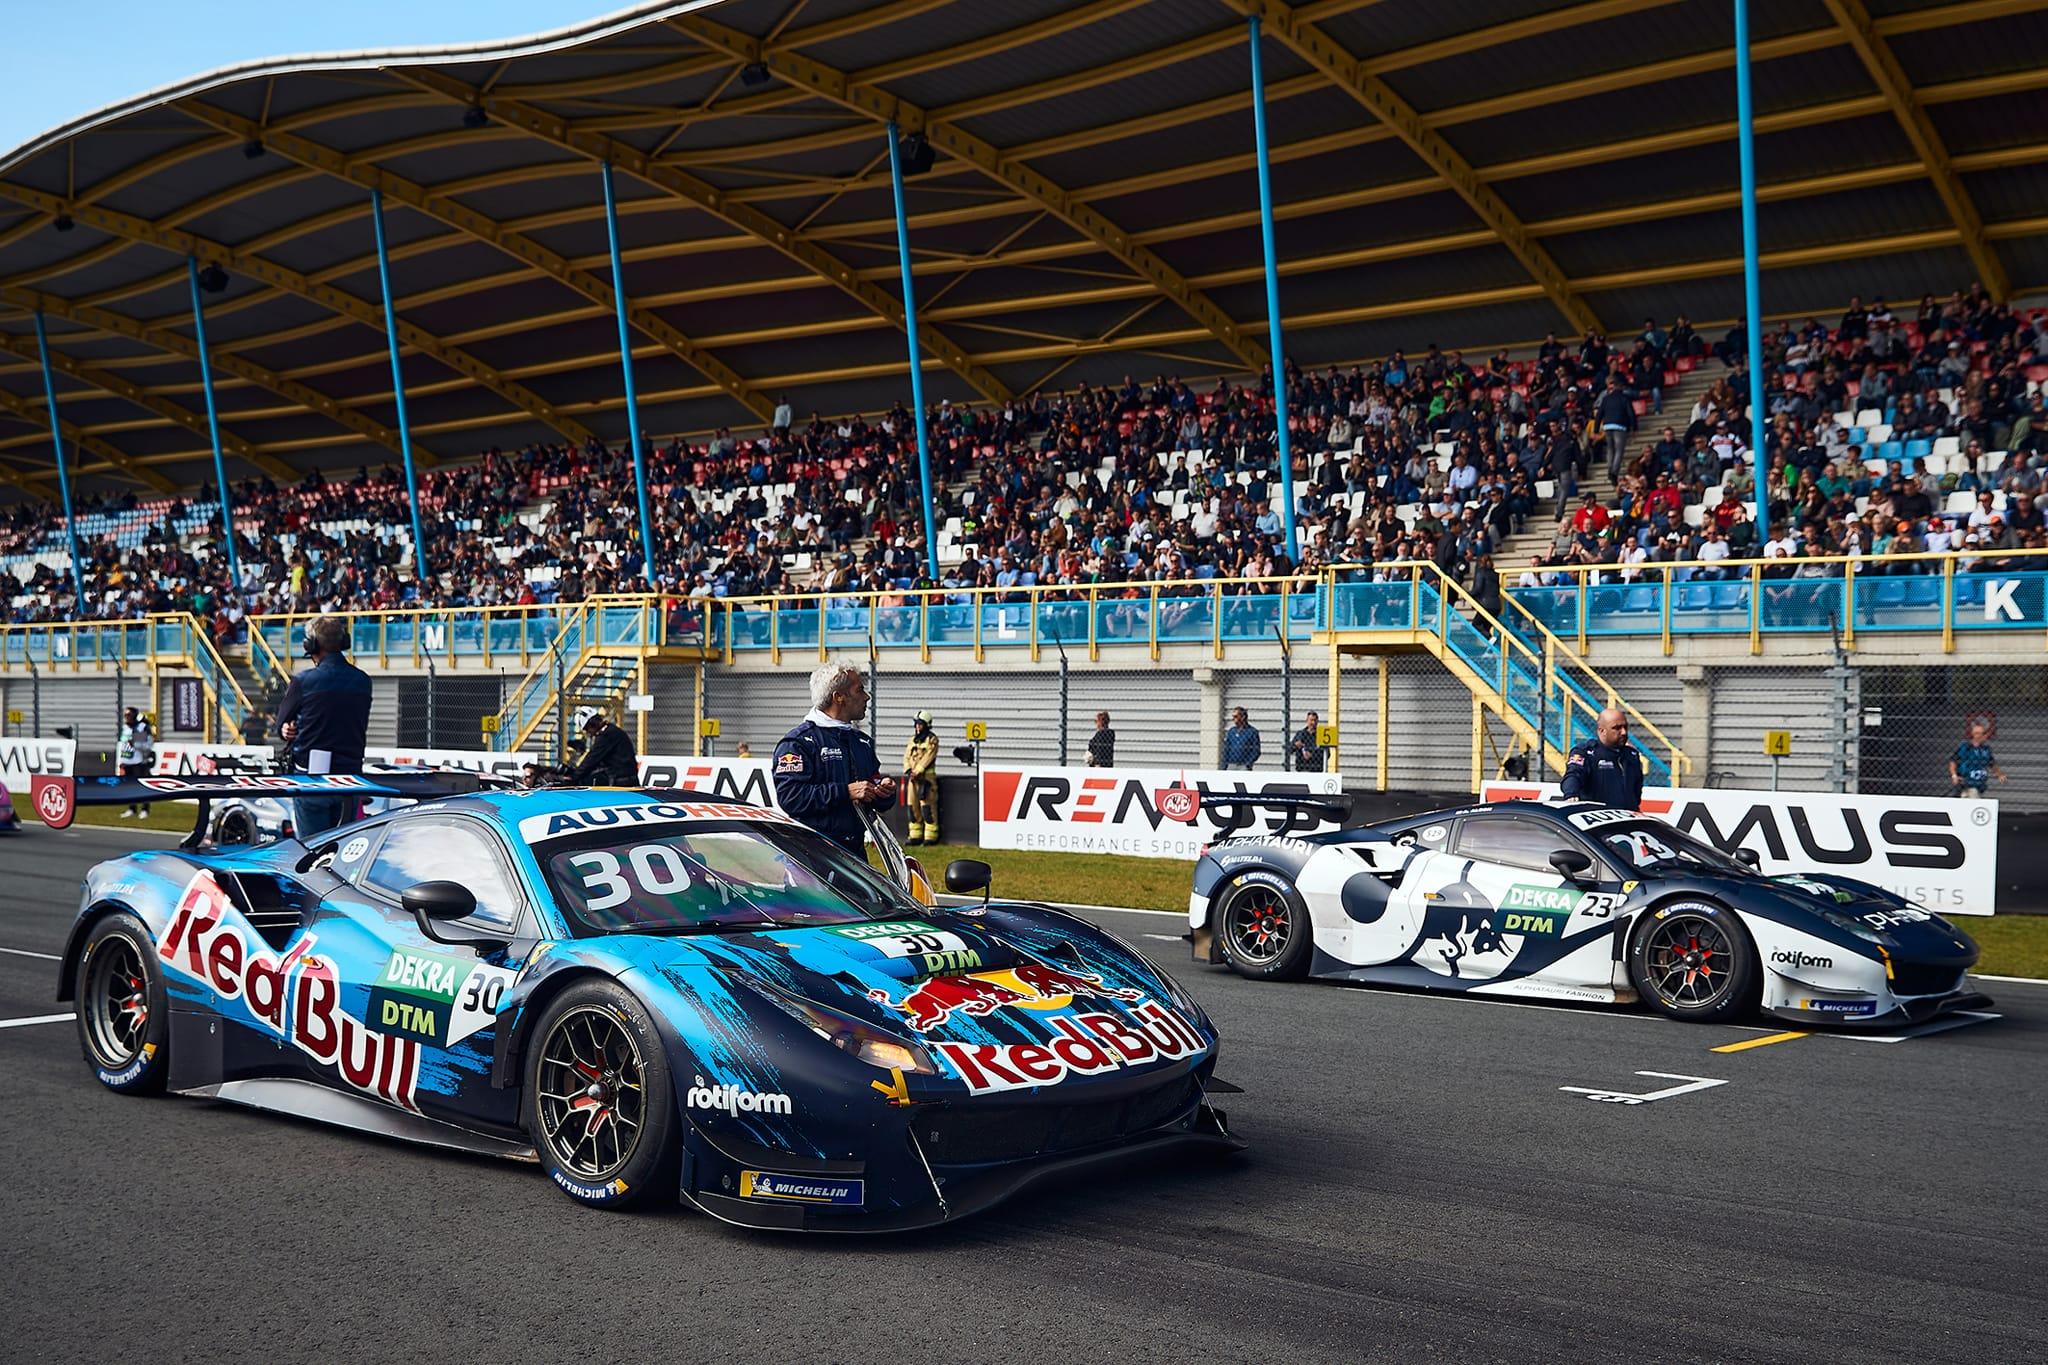 Two Kiws, two Ferraris, one final